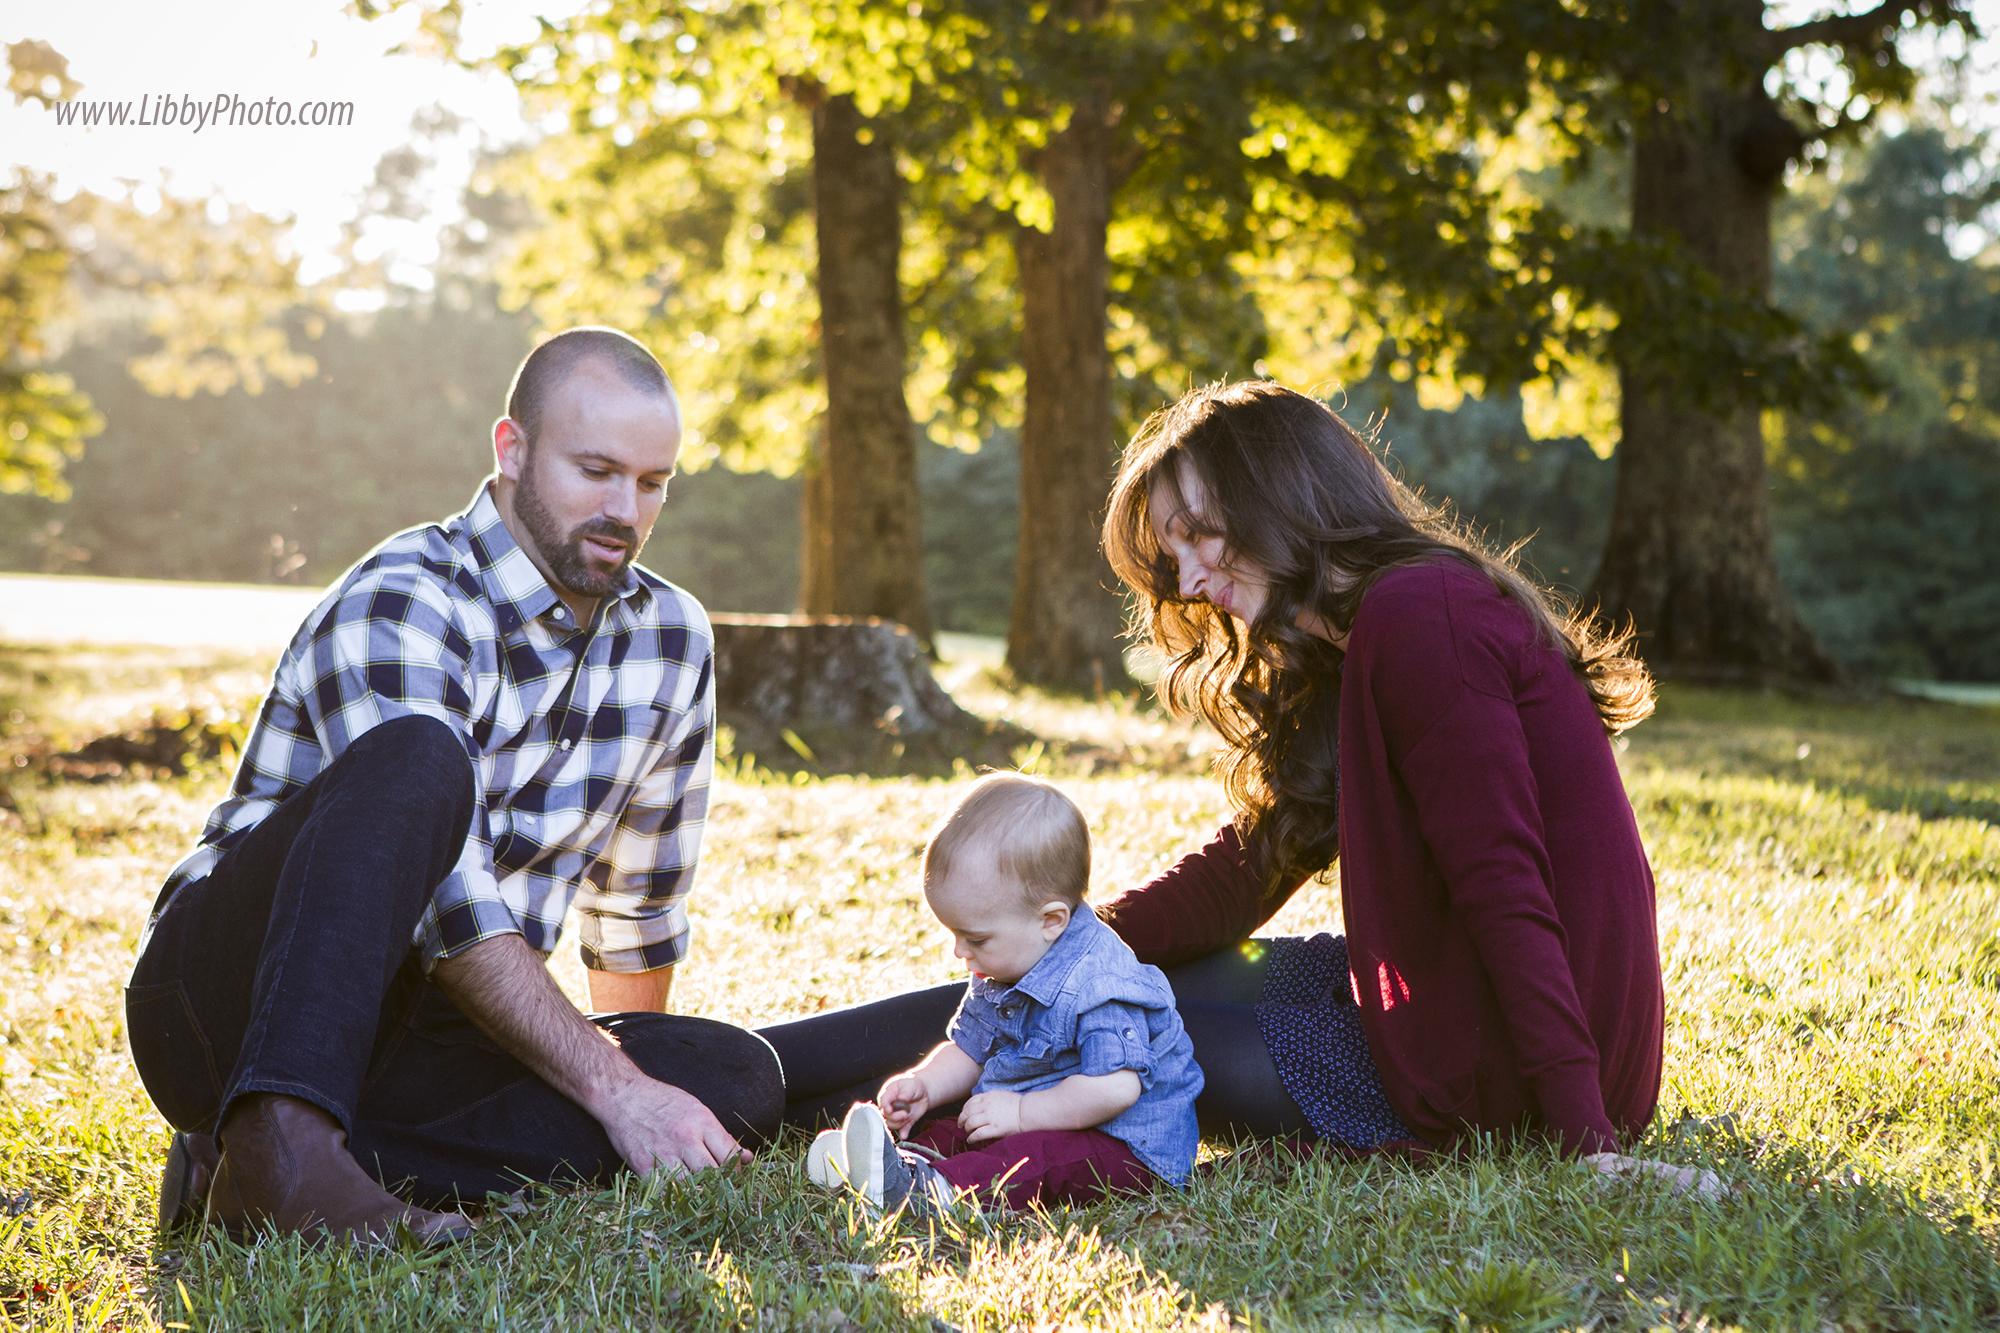 Atlanta family photography Libbyphoto 10 (11).jpg